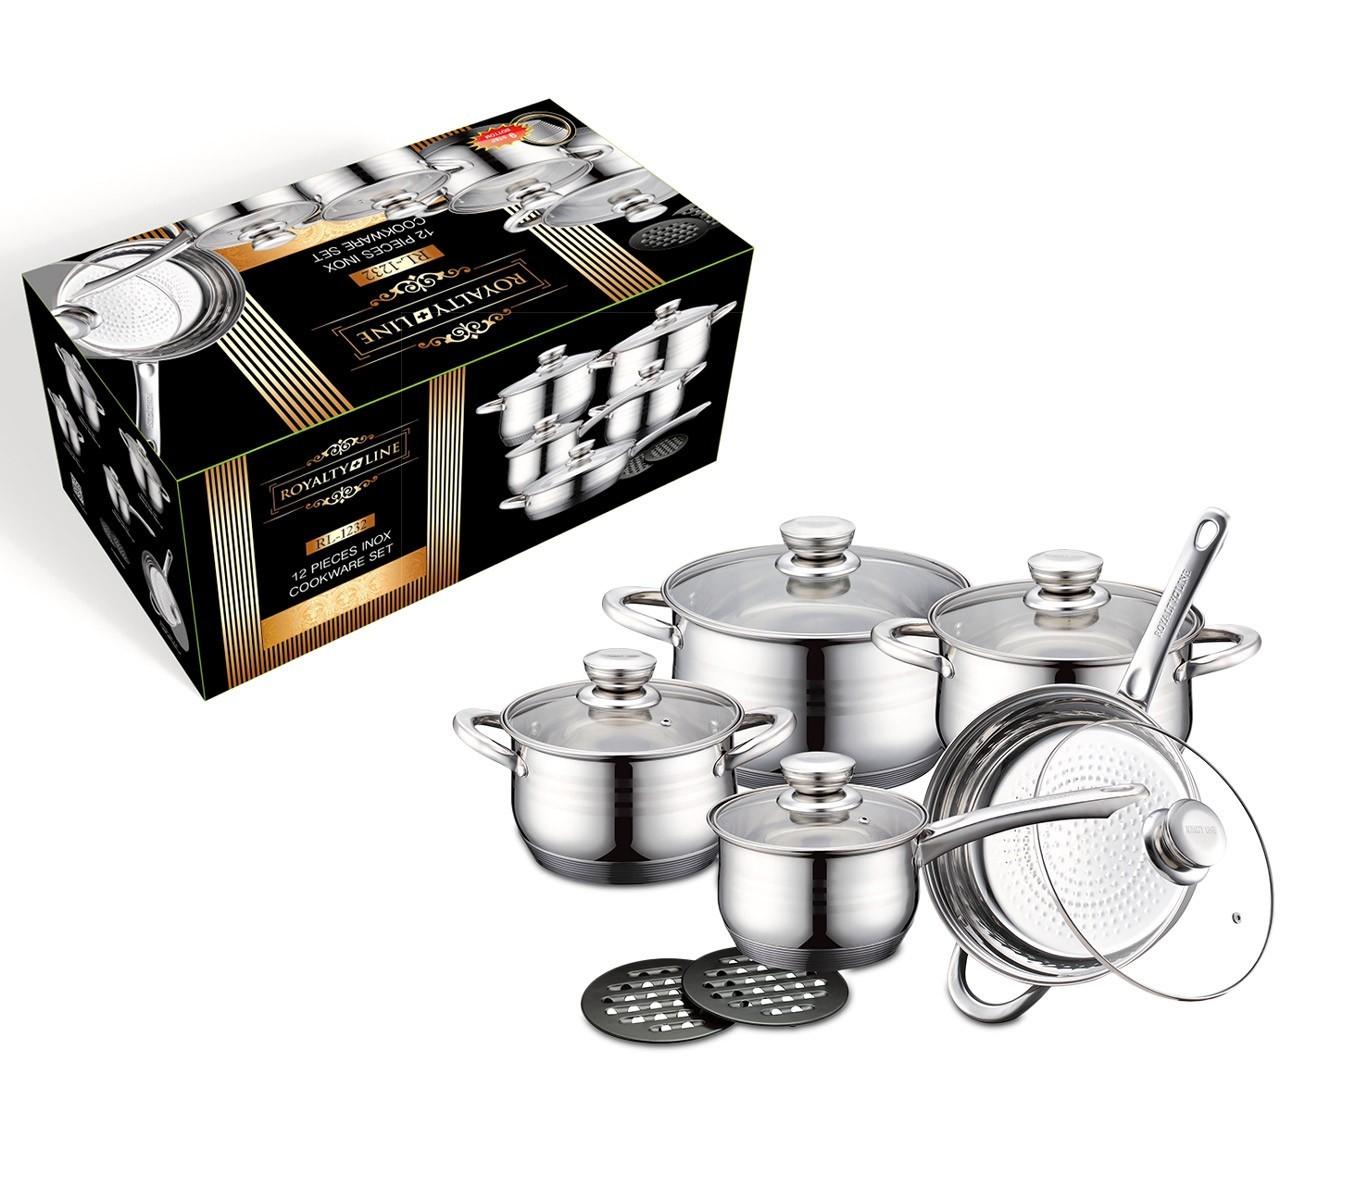 RL-1232 Juego de utensilios de cocina de acero inoxidable ROYALTY LINE